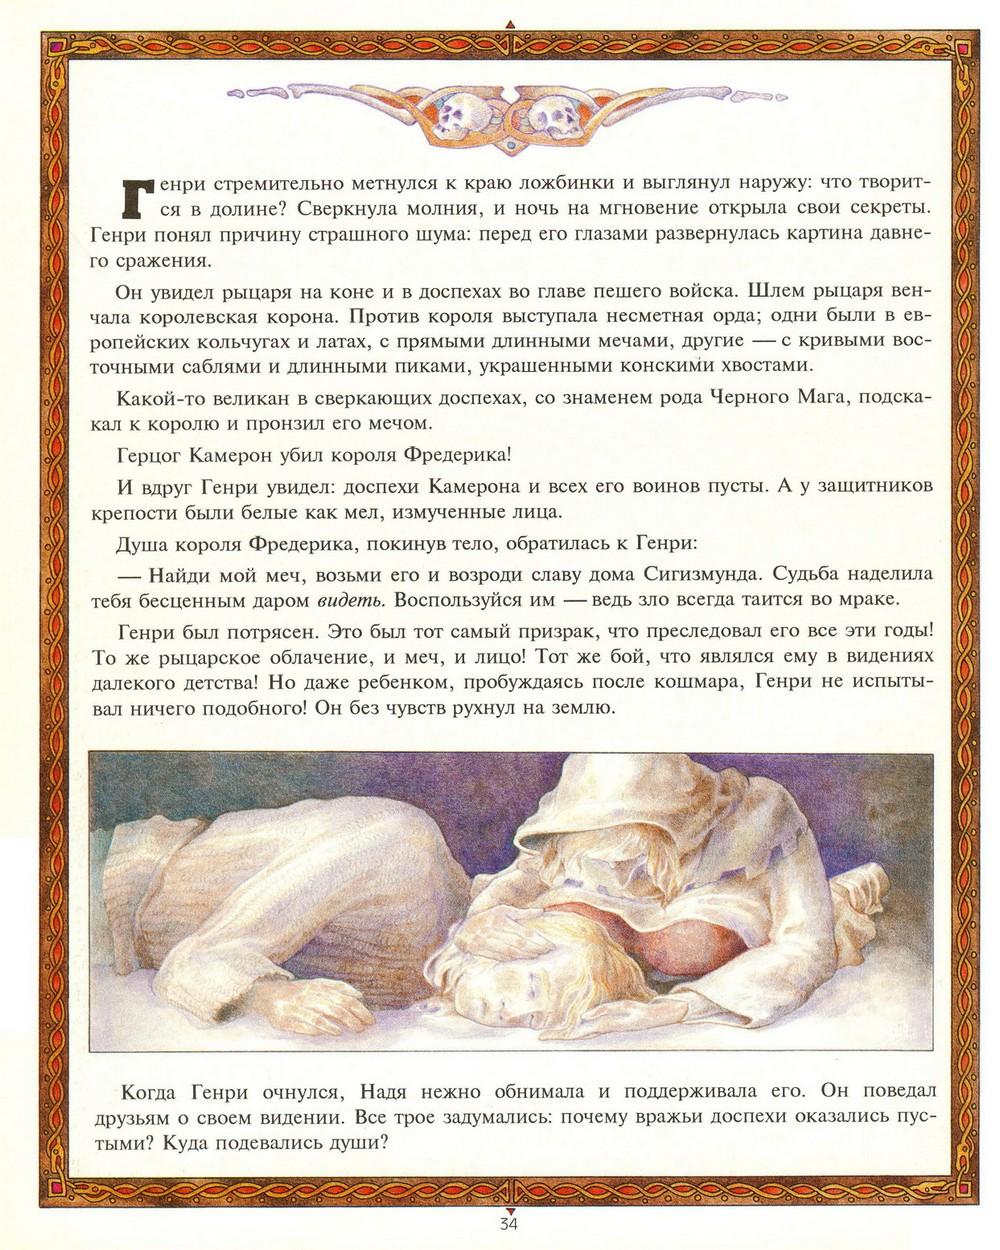 http://images.vfl.ru/ii/1362056497/0c4d0c8a/1850131.jpg